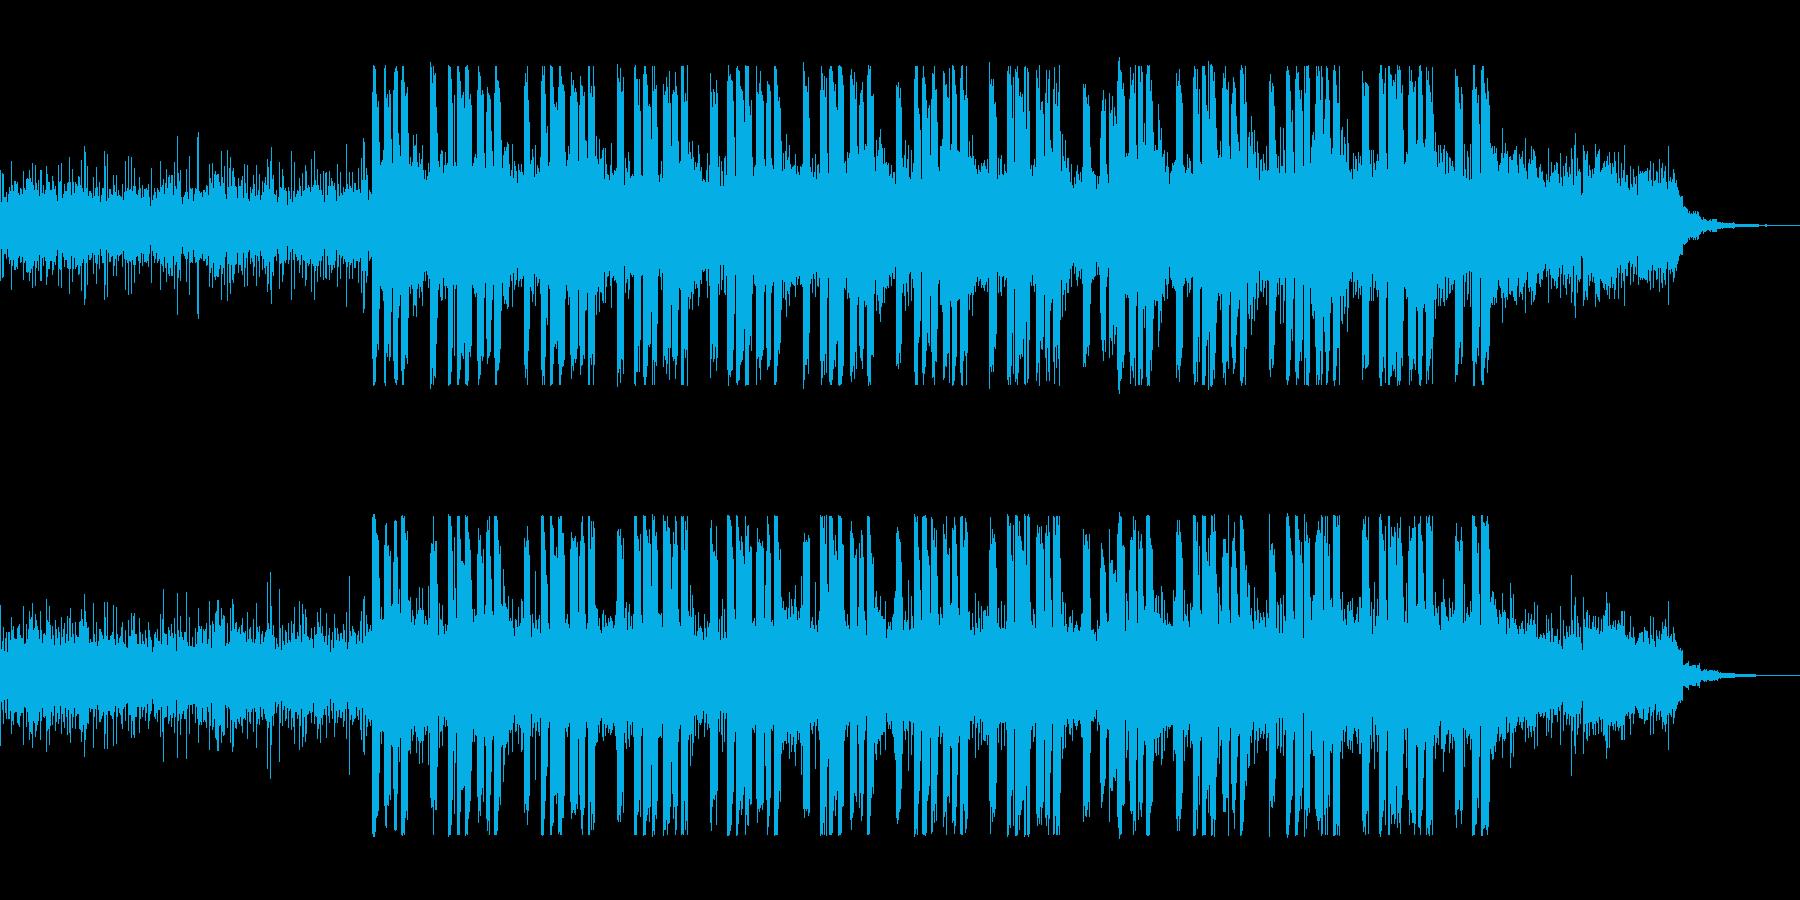 遅めBPMのクールなエレクトロの再生済みの波形